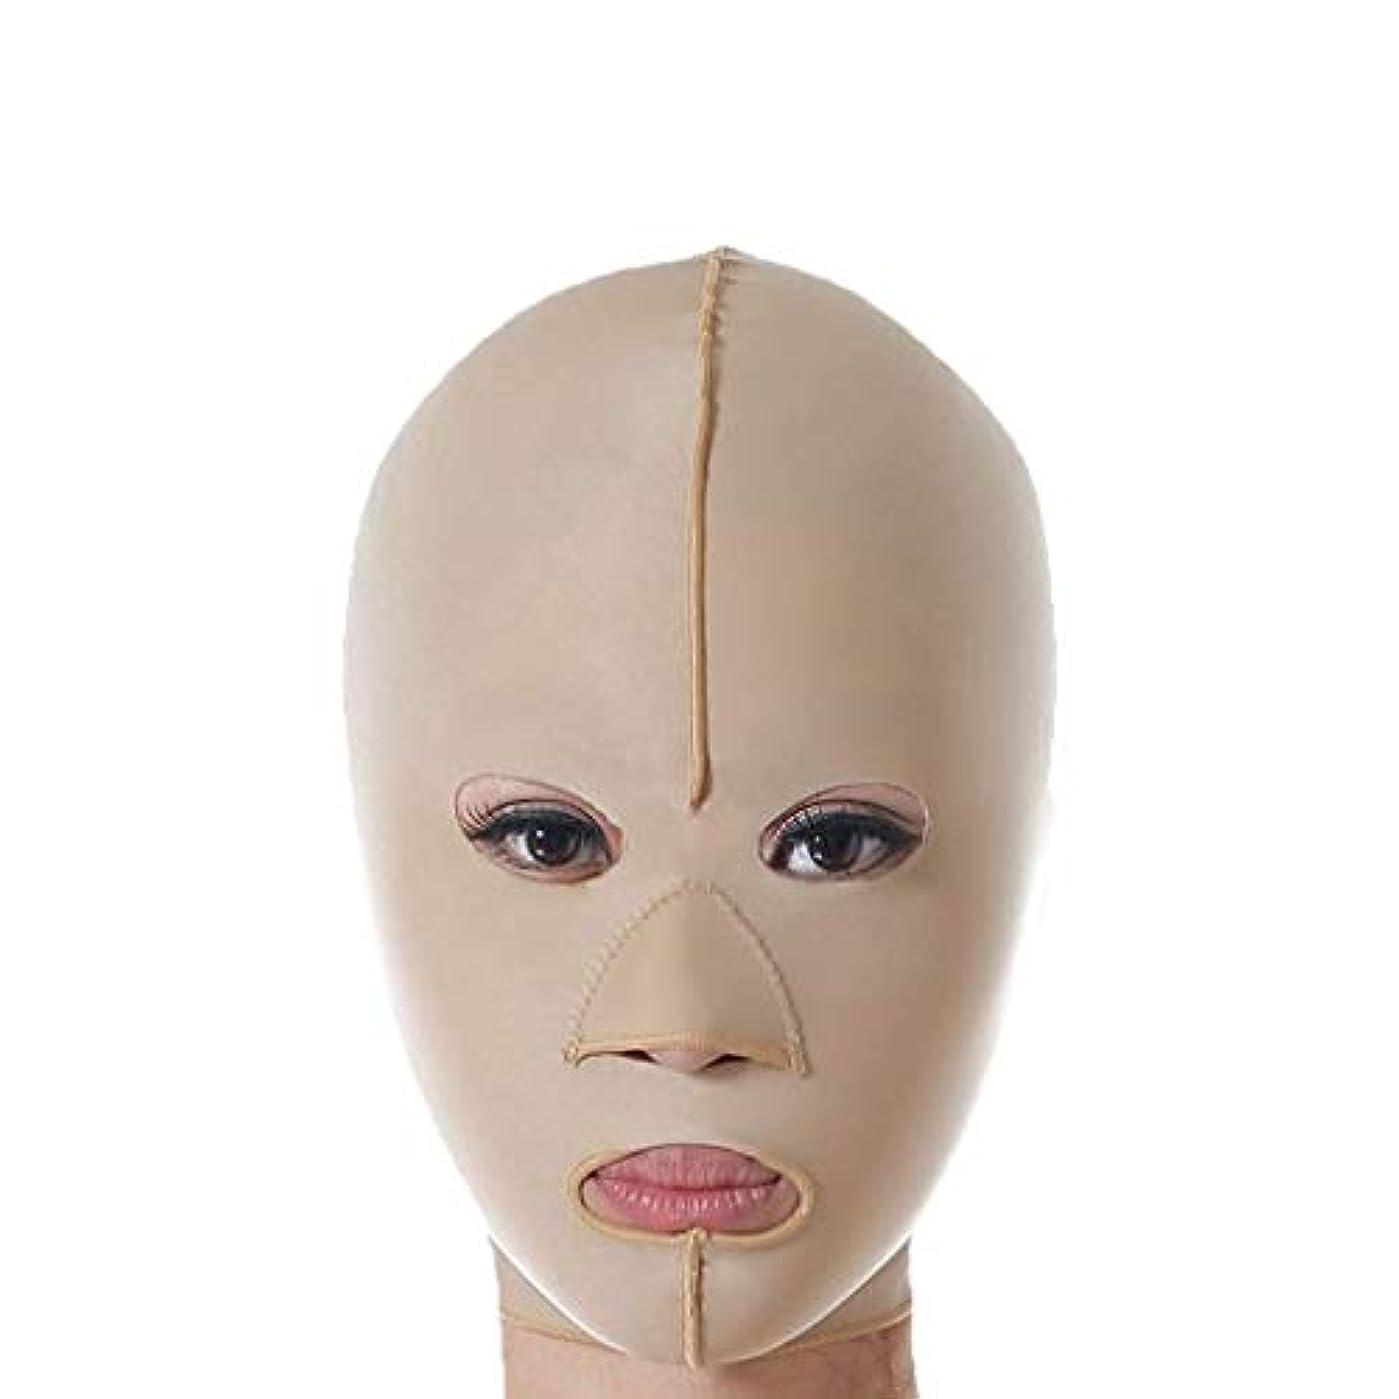 破壊的な犯罪昨日減量フェイスマスク、リフティング包帯、スリムフェイスリフトリフティングベルト、フェイシャル減量リフティング包帯、リフティングファーミング包帯(サイズ:XL),ザ?